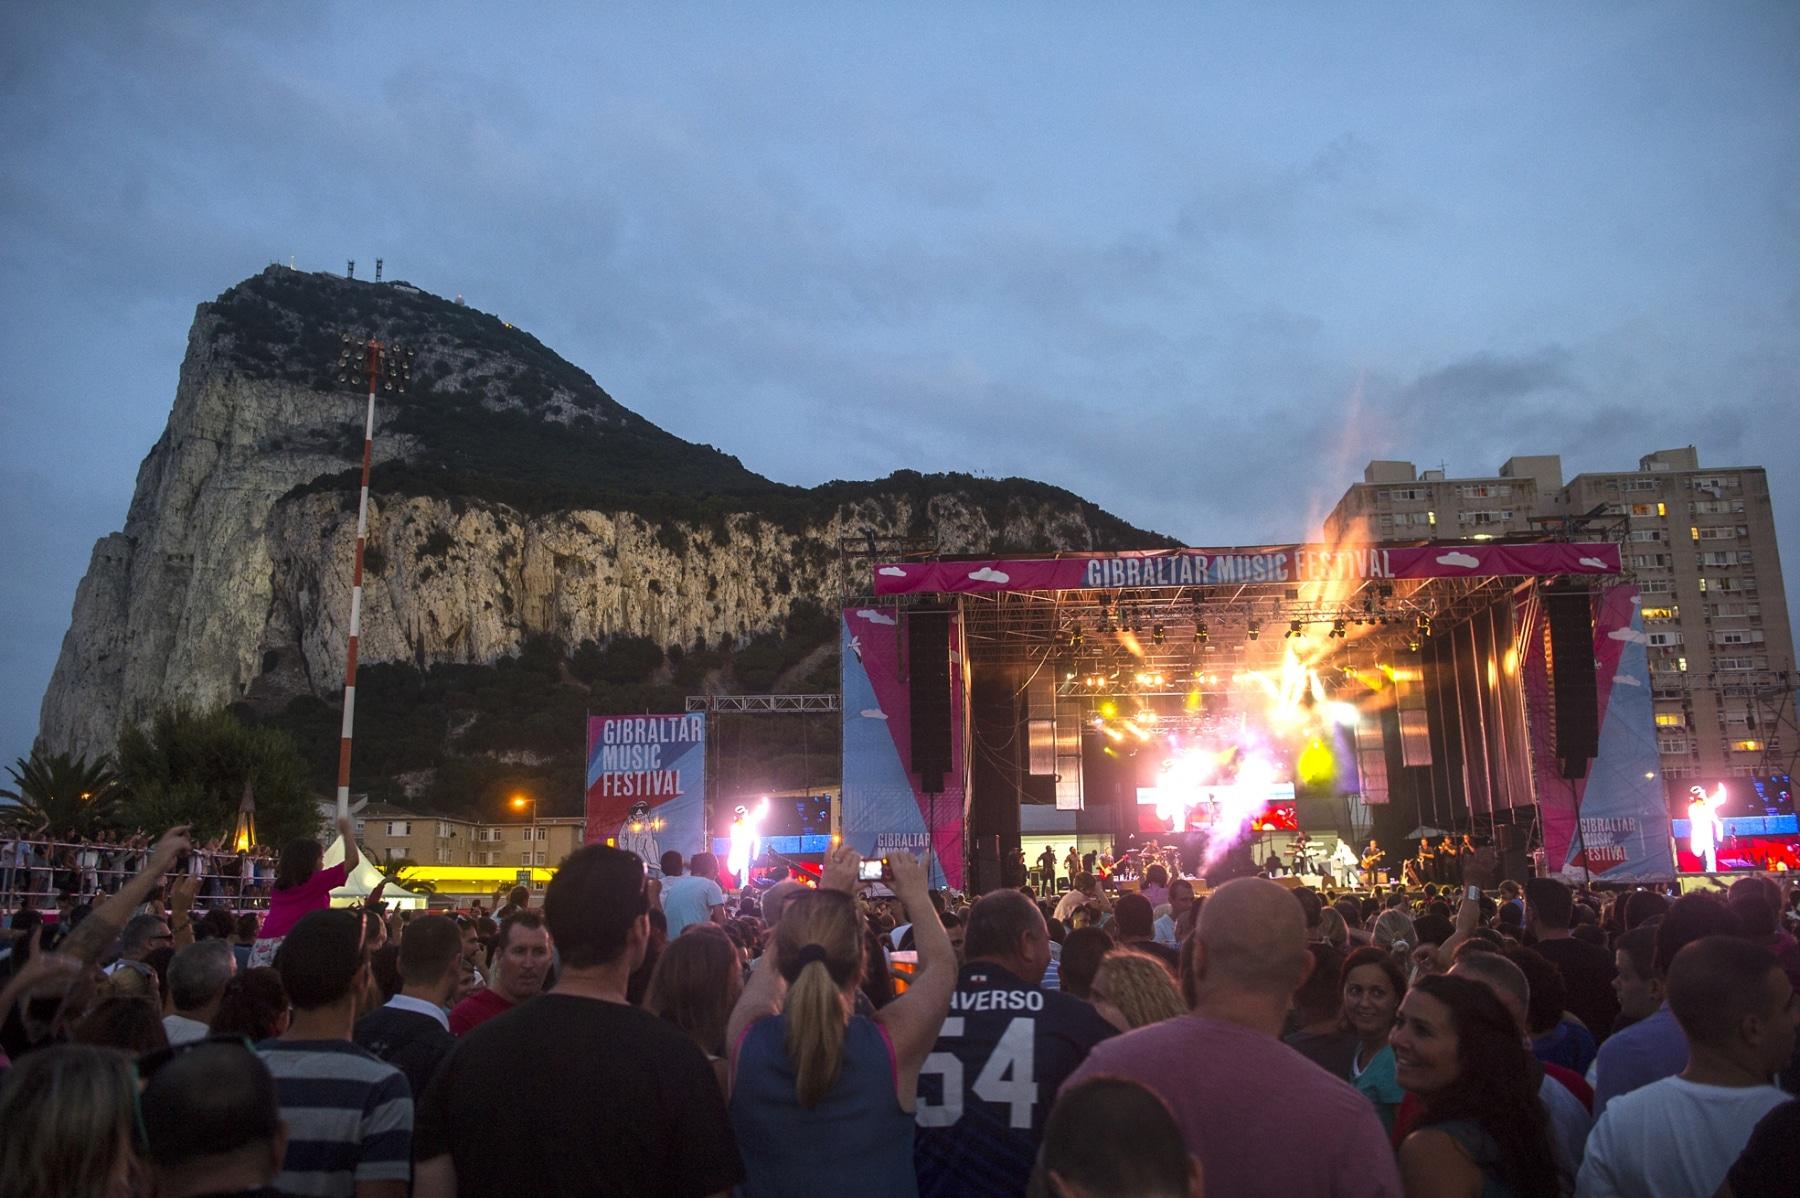 gibraltar-music-festival-2013-publico-y-ambiente_9699818209_o